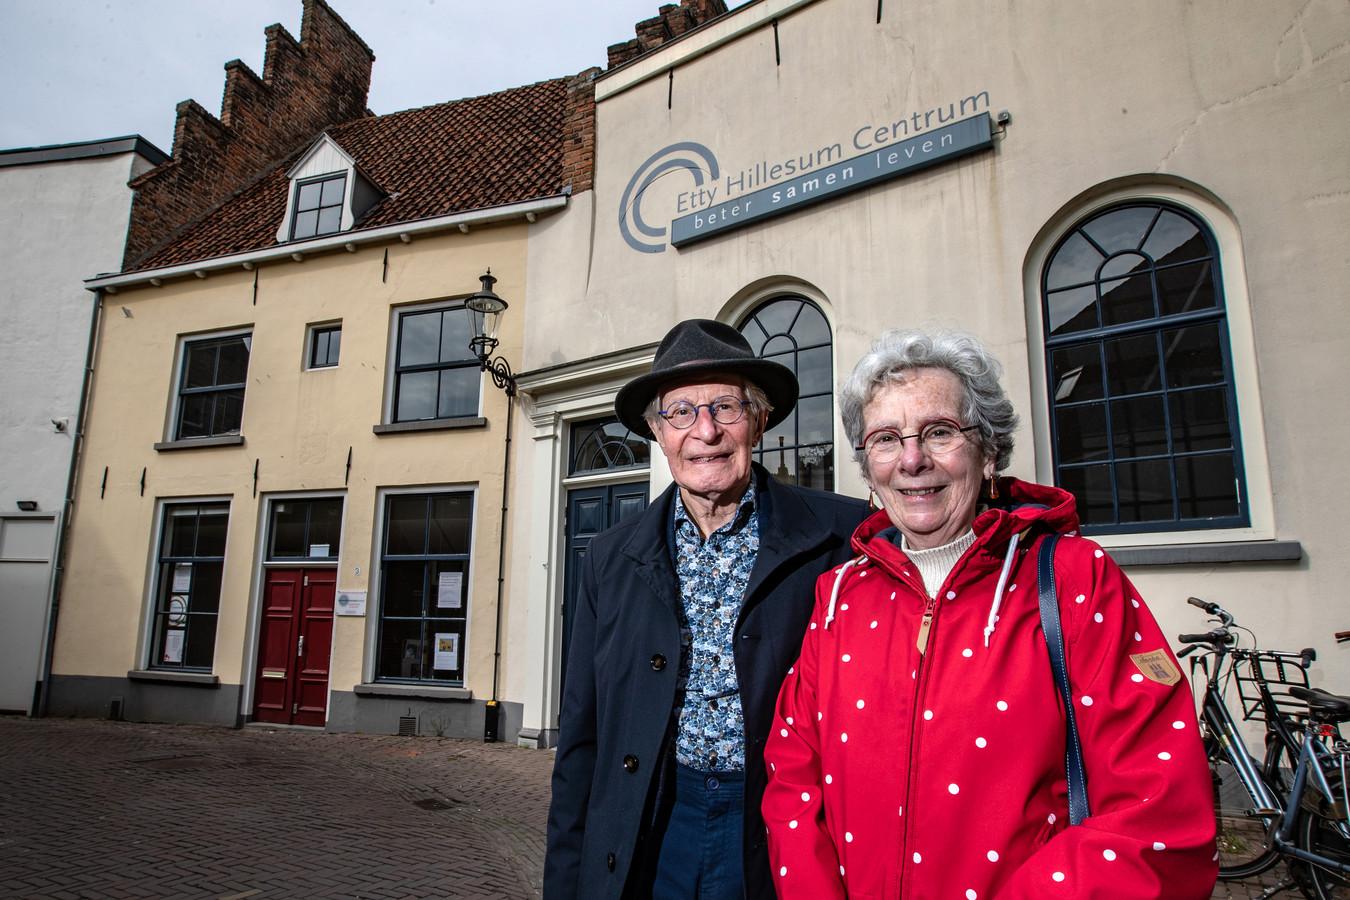 Frits Grimmelikhuizen en Manja Pach voor het Etty Hillesum Centrum in Deventer.